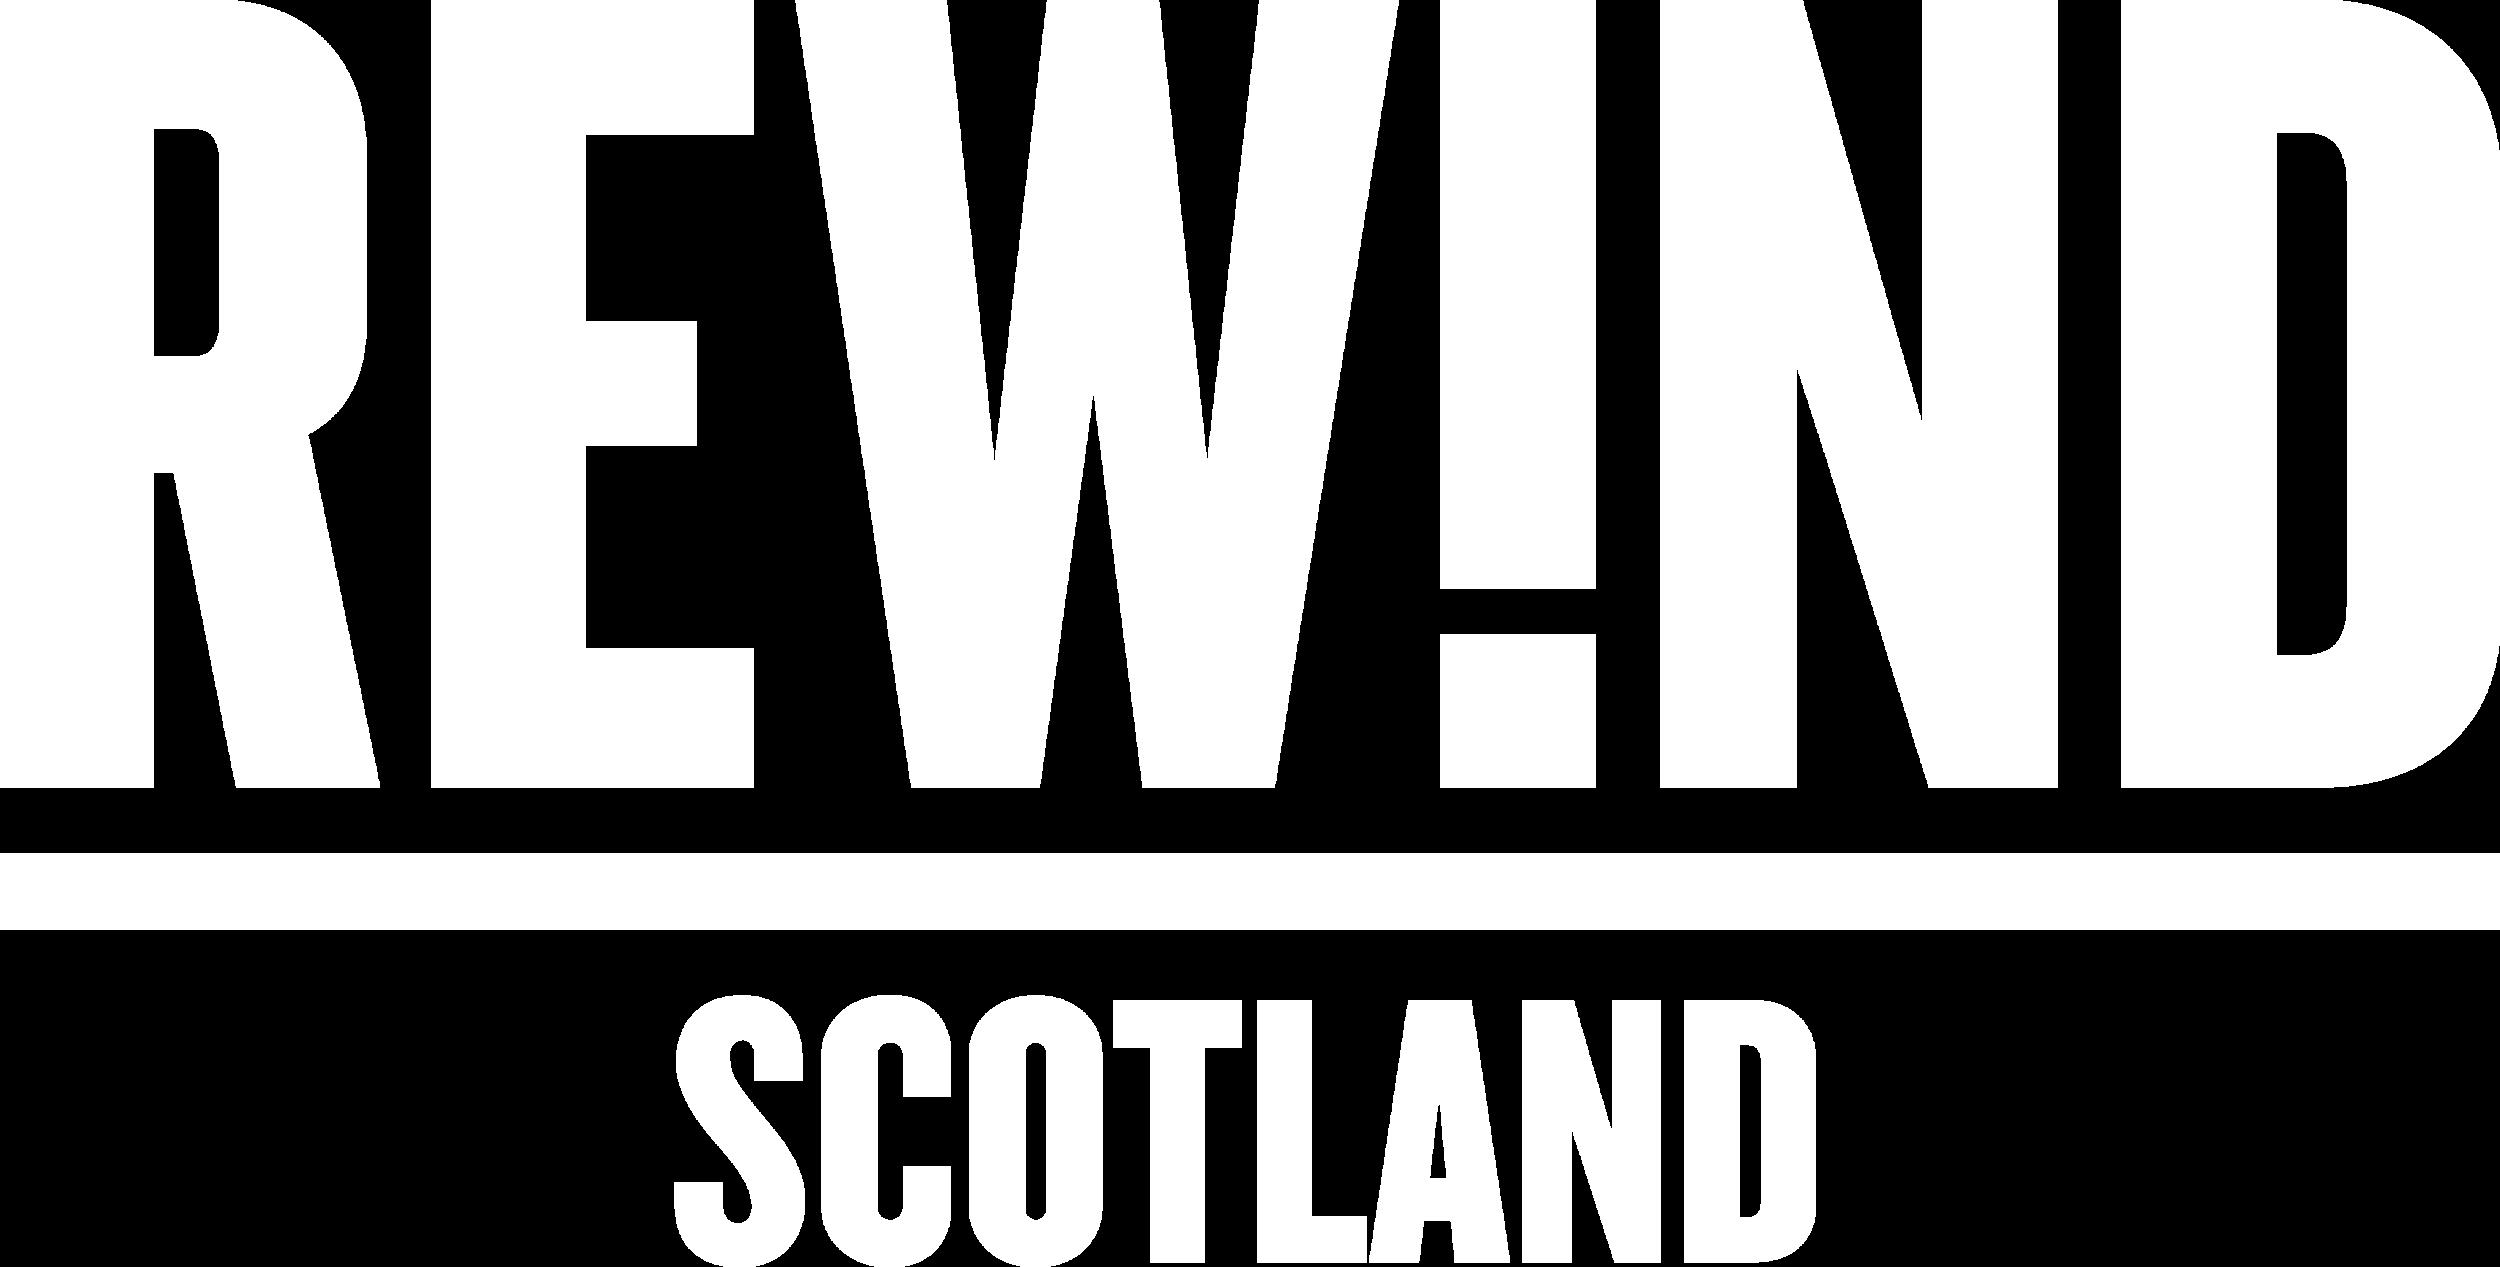 Logo Scotland White.png